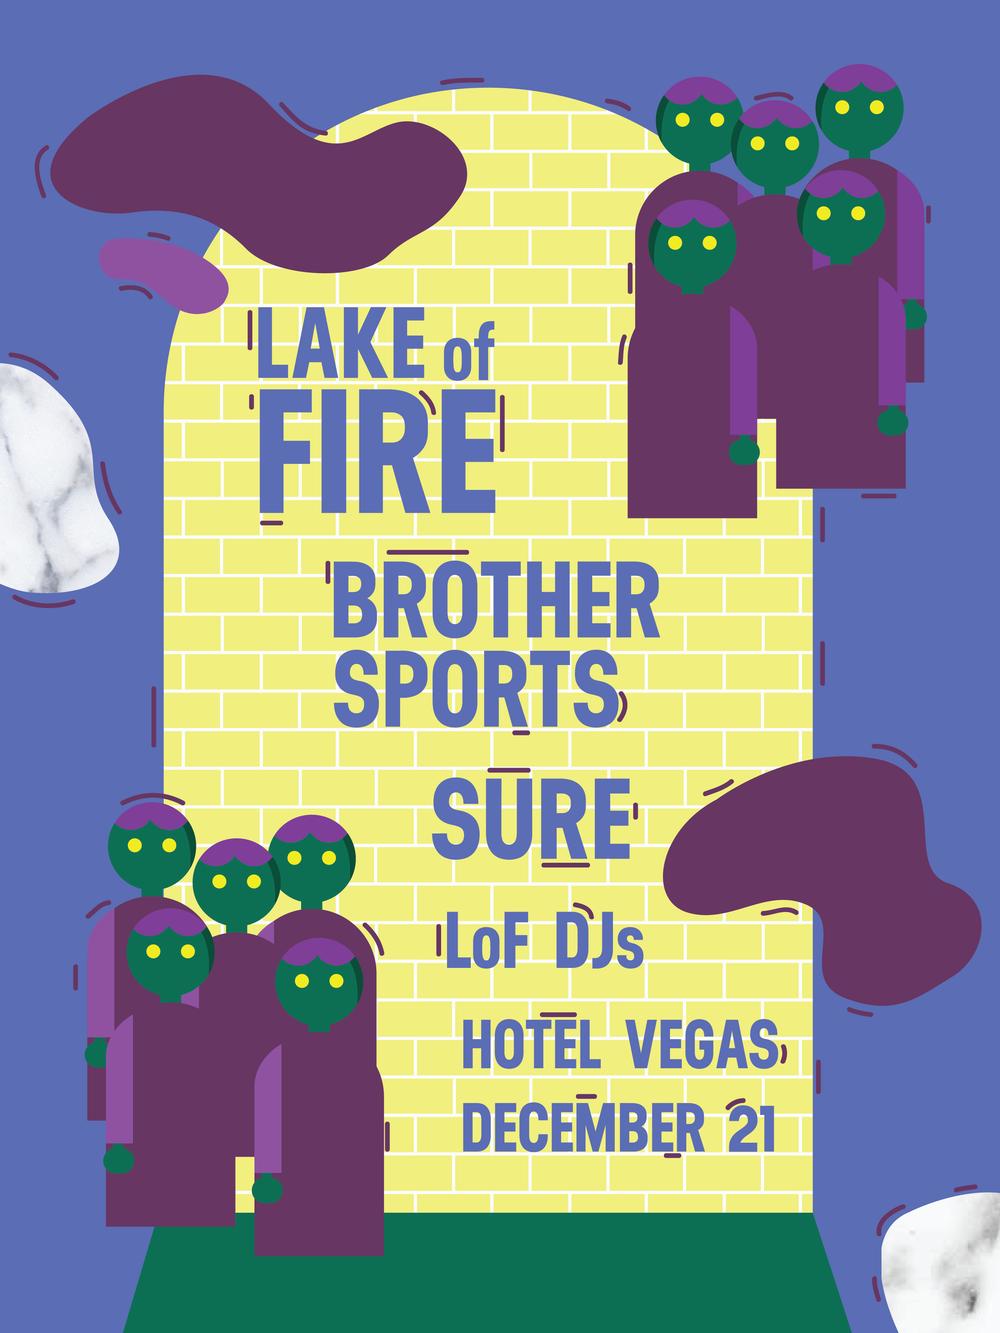 December 21, Austin, TX - Gig Poster for Hotel Vegas